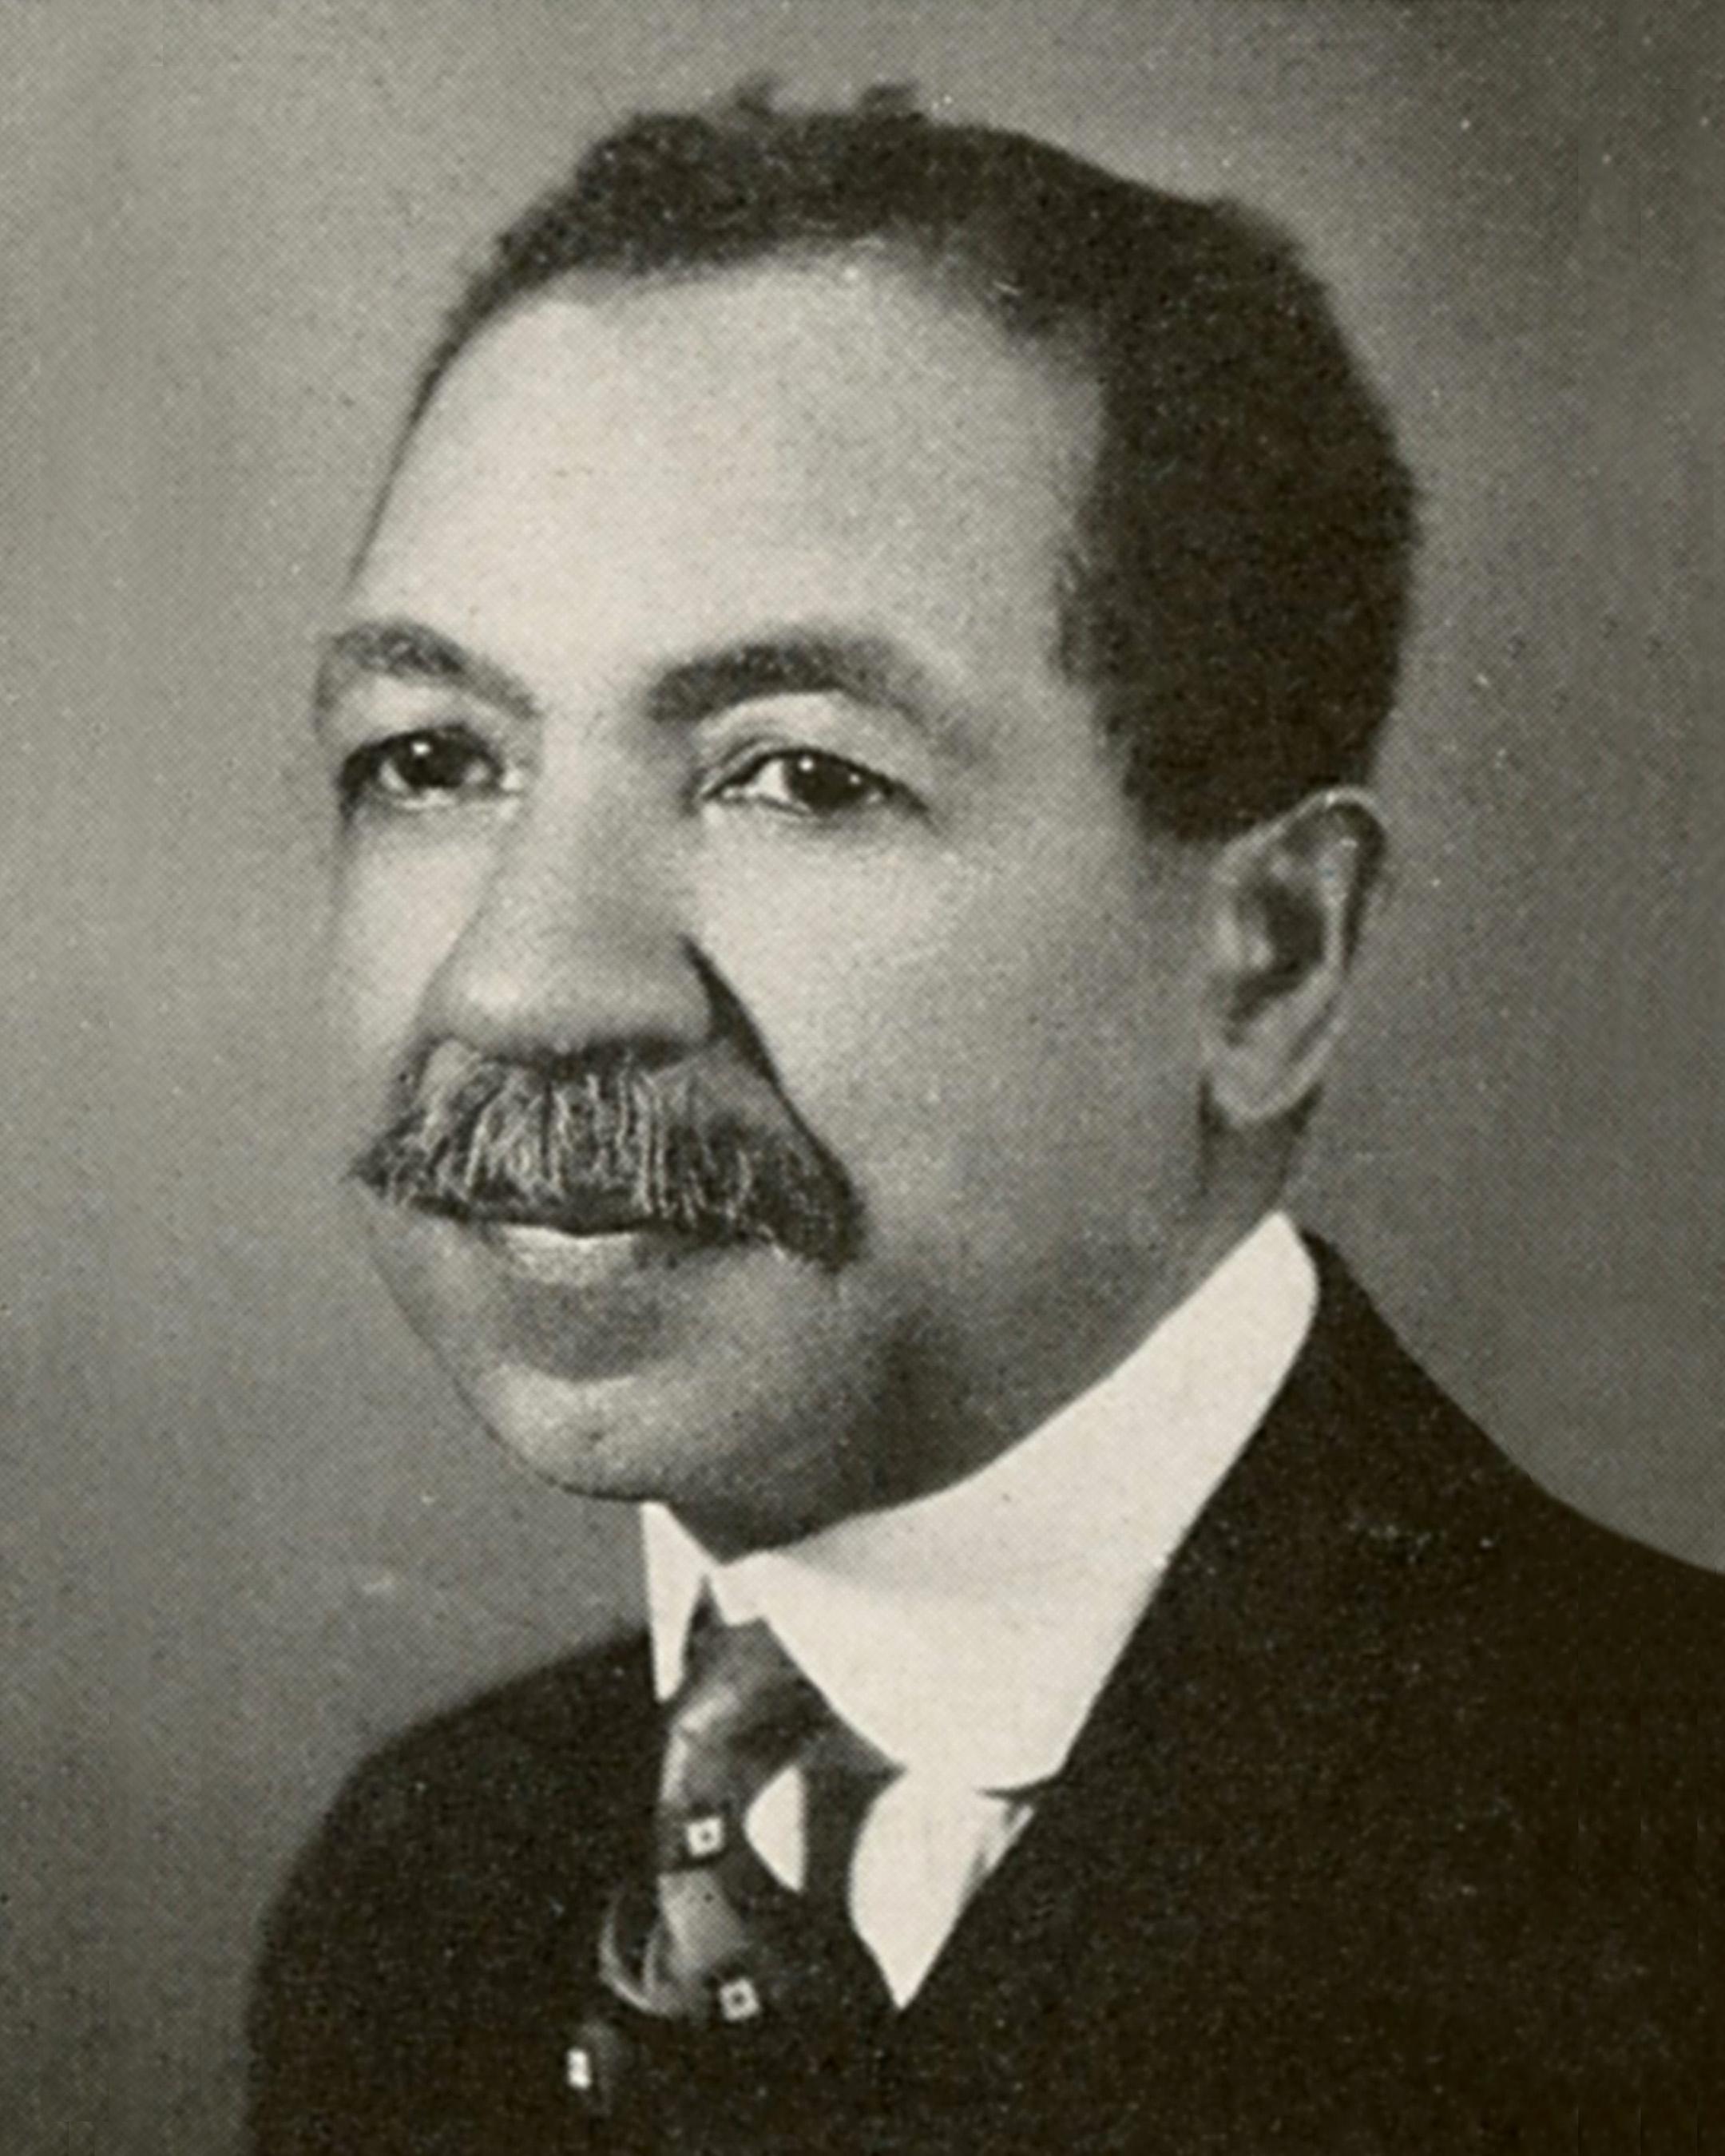 Hugh O. Cook